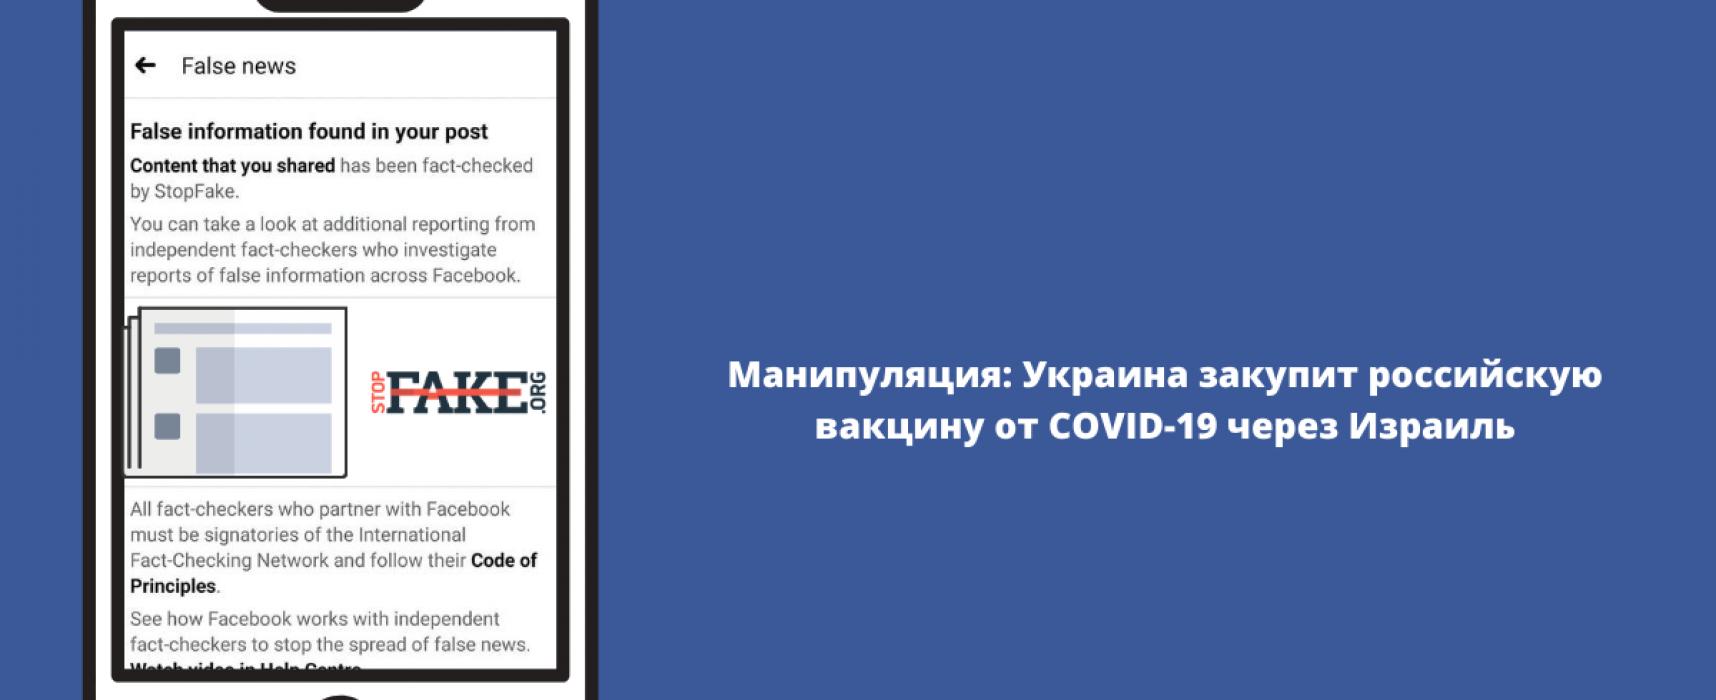 Манипуляция: Украина закупит российскую вакцину от COVID-19 через Израиль